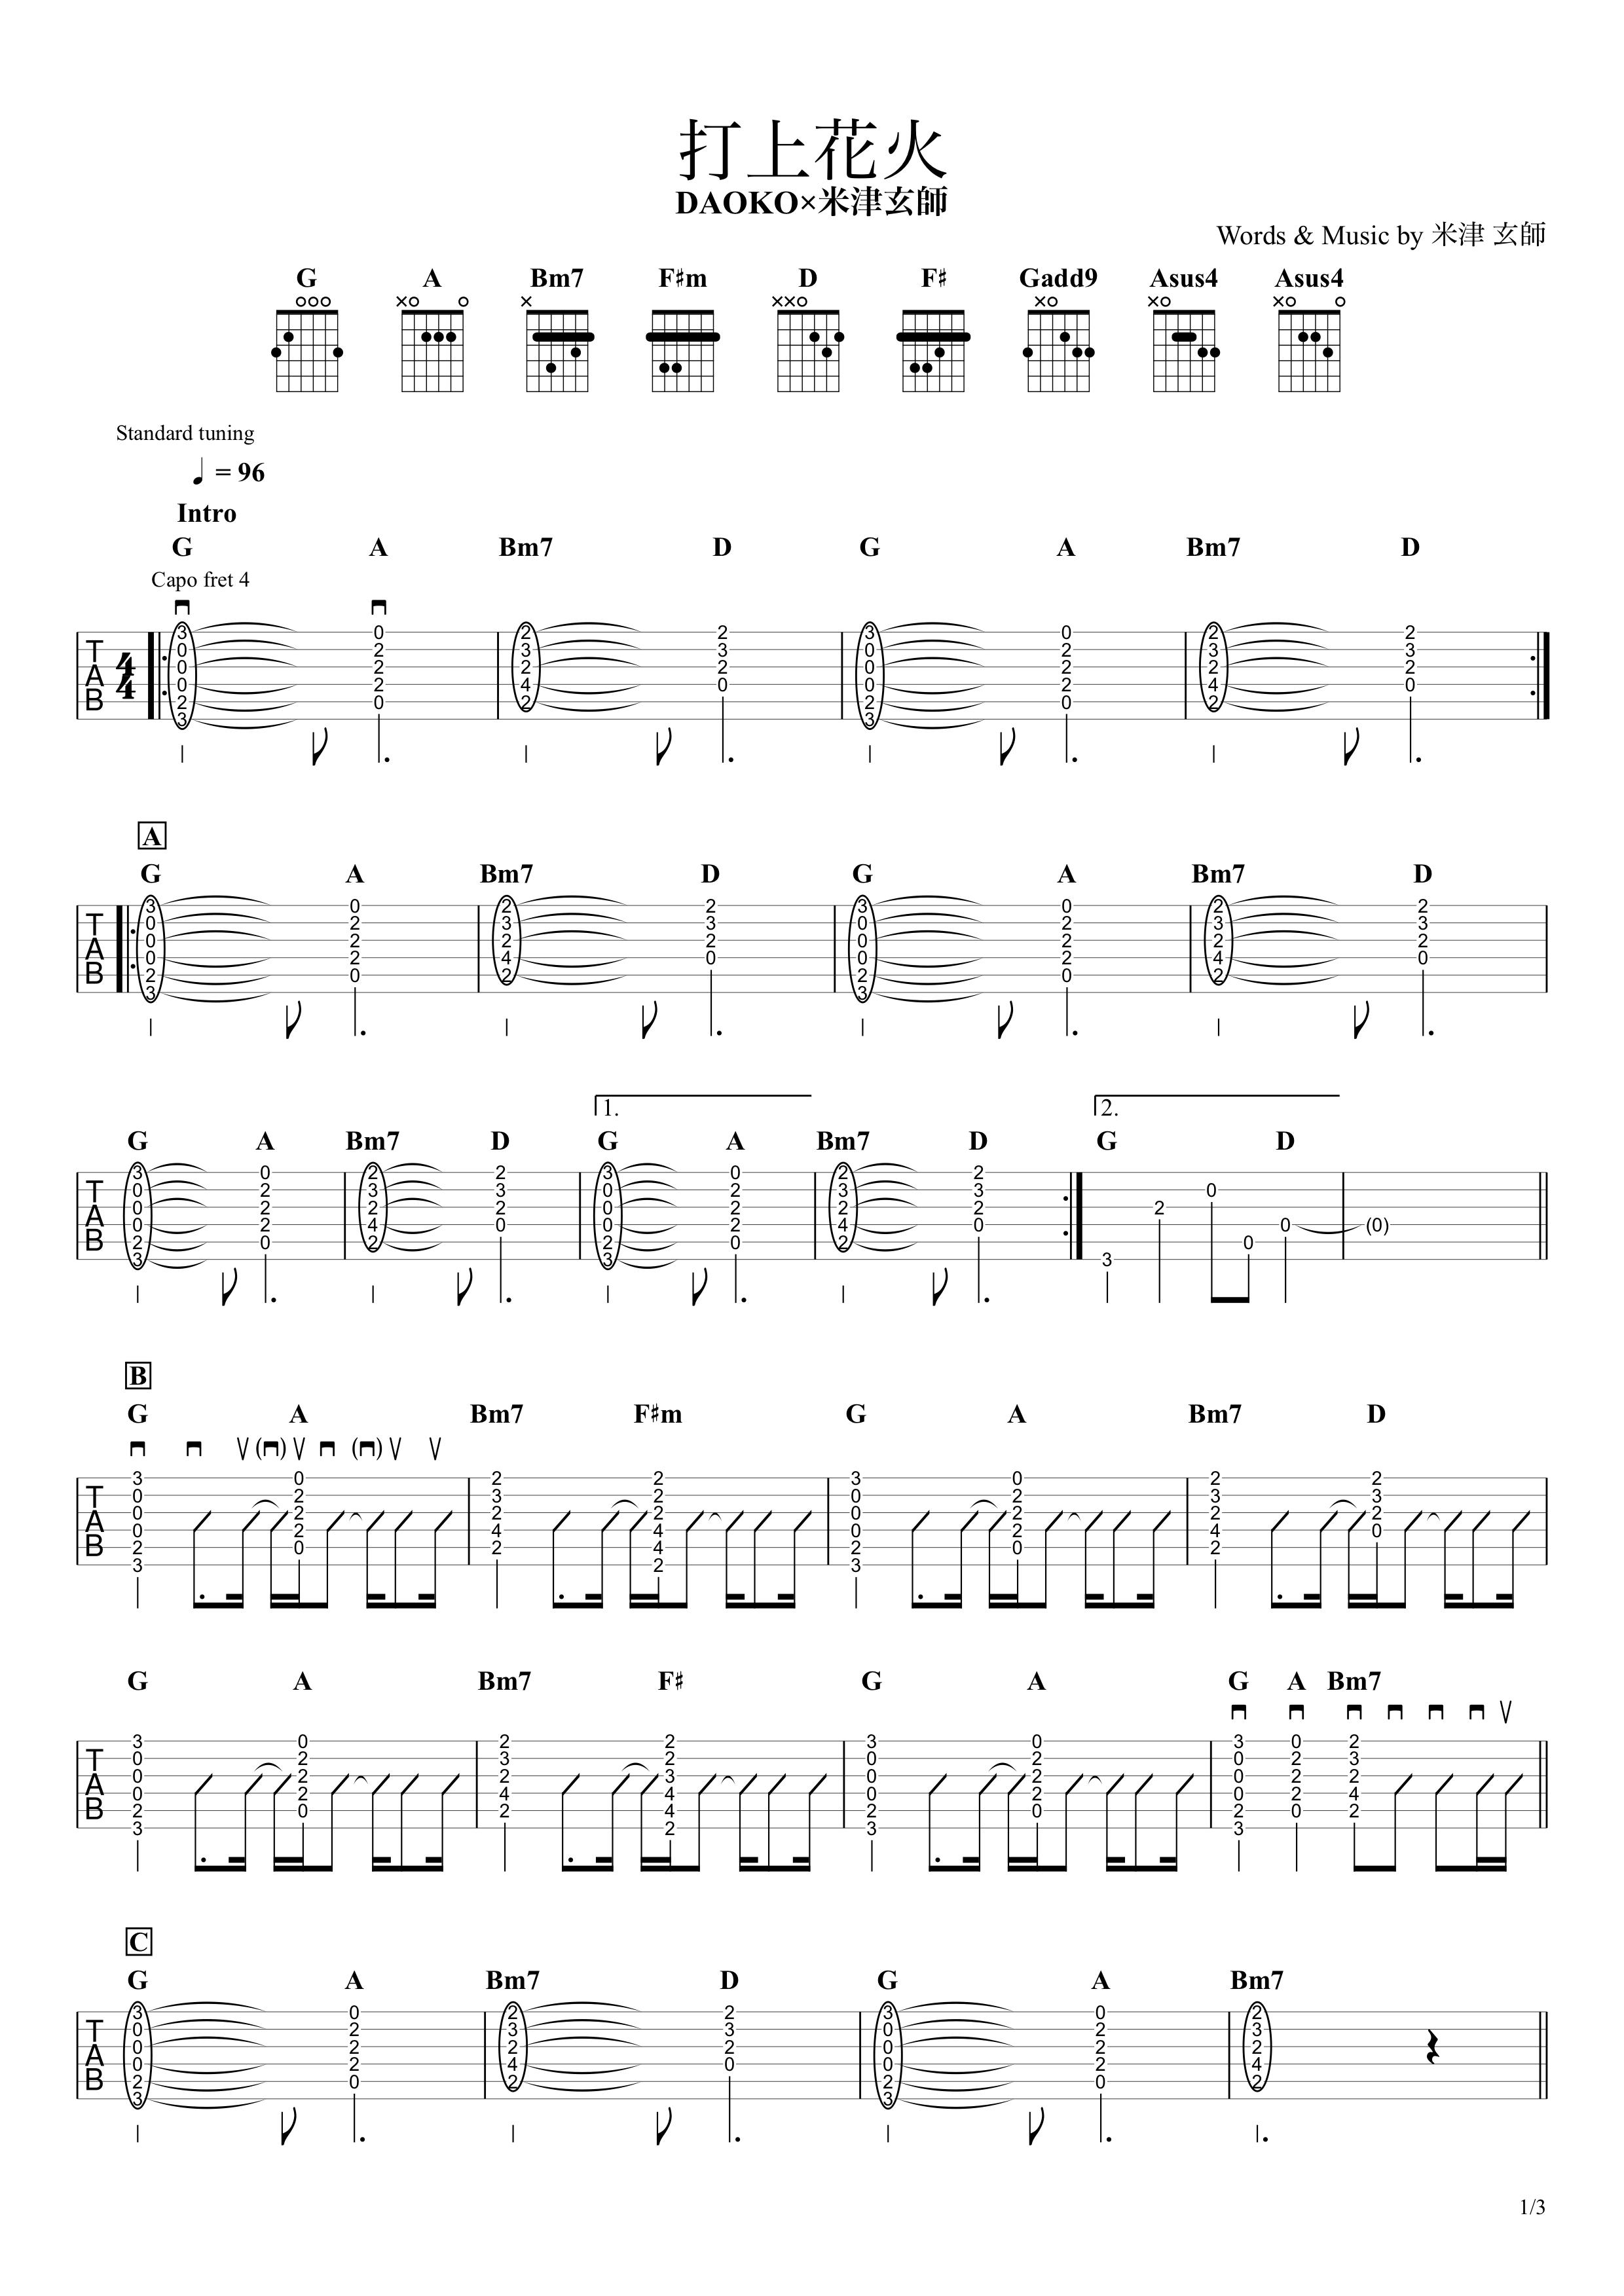 打上花火/DAOKO×米津玄師 ギタータブ譜 コードストロークで弾くアレンジVer.01